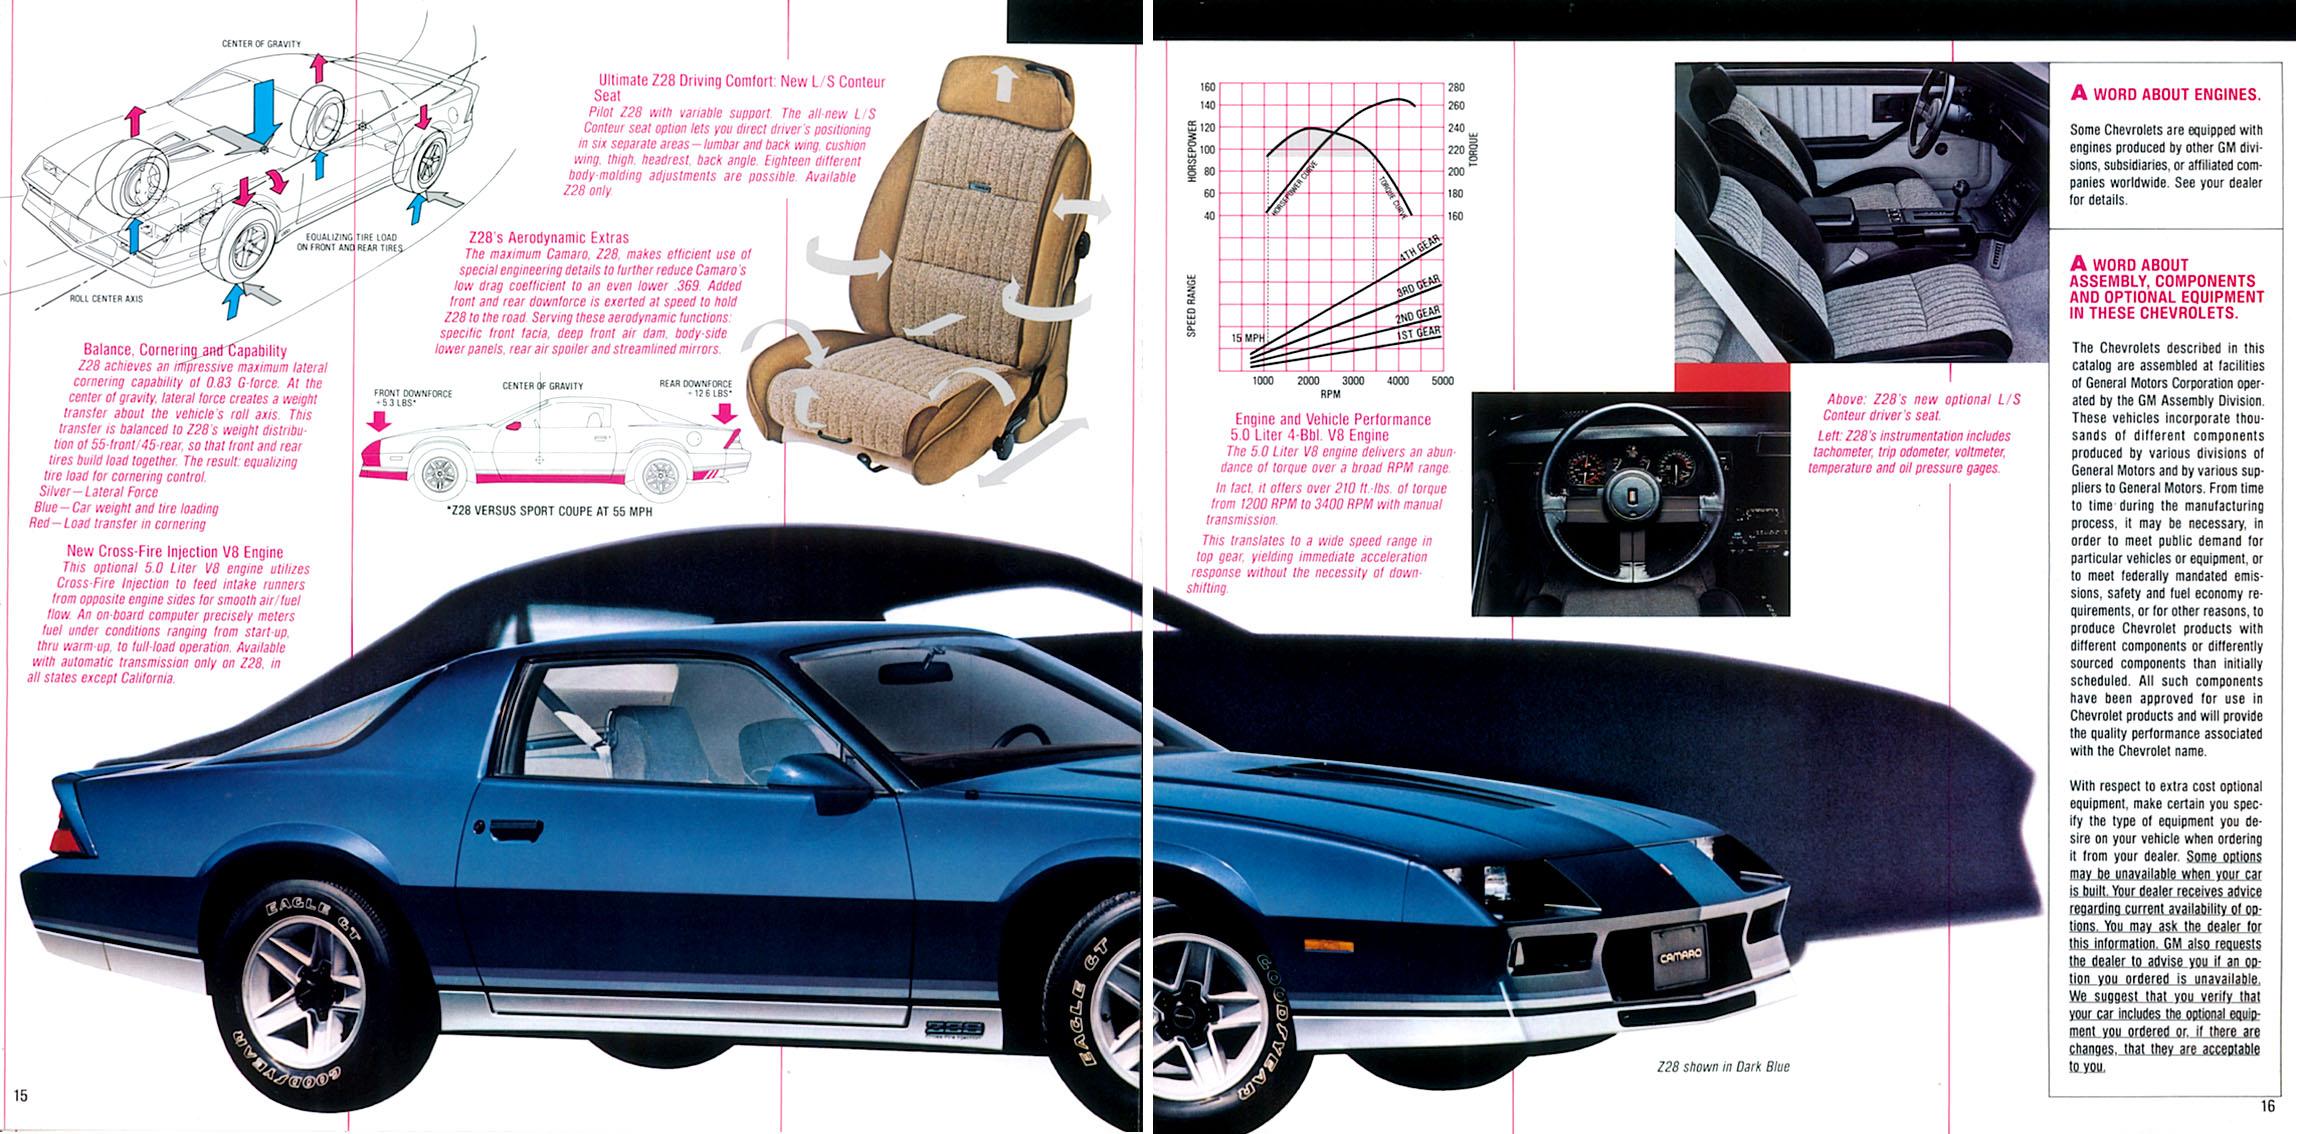 1982 Camaro OEM Brochure (9)